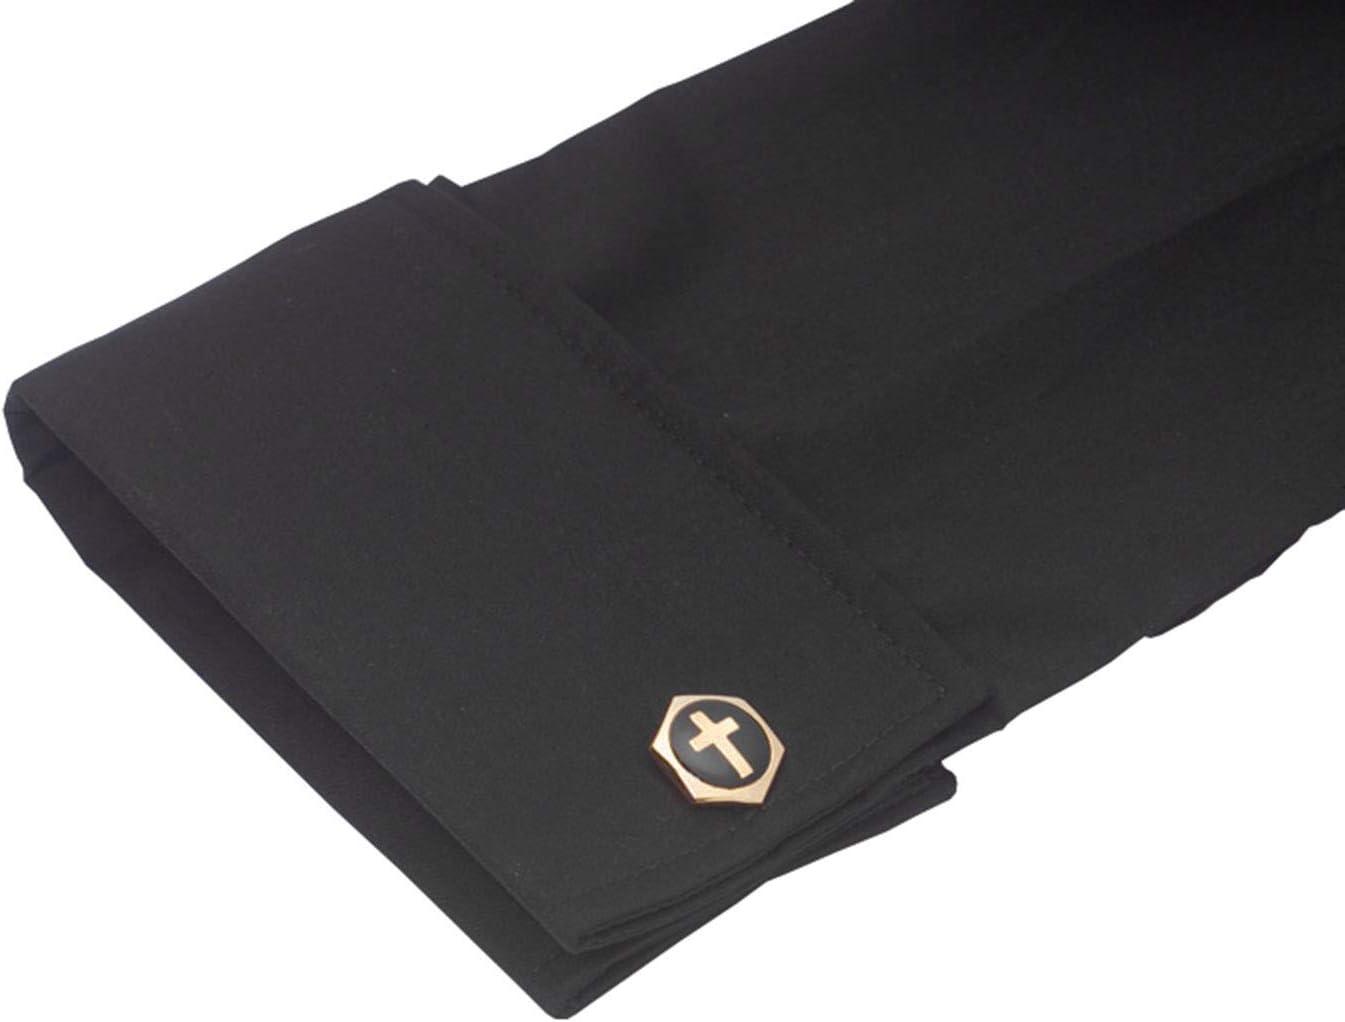 US Gifts Neckband Shirt French Cuffs